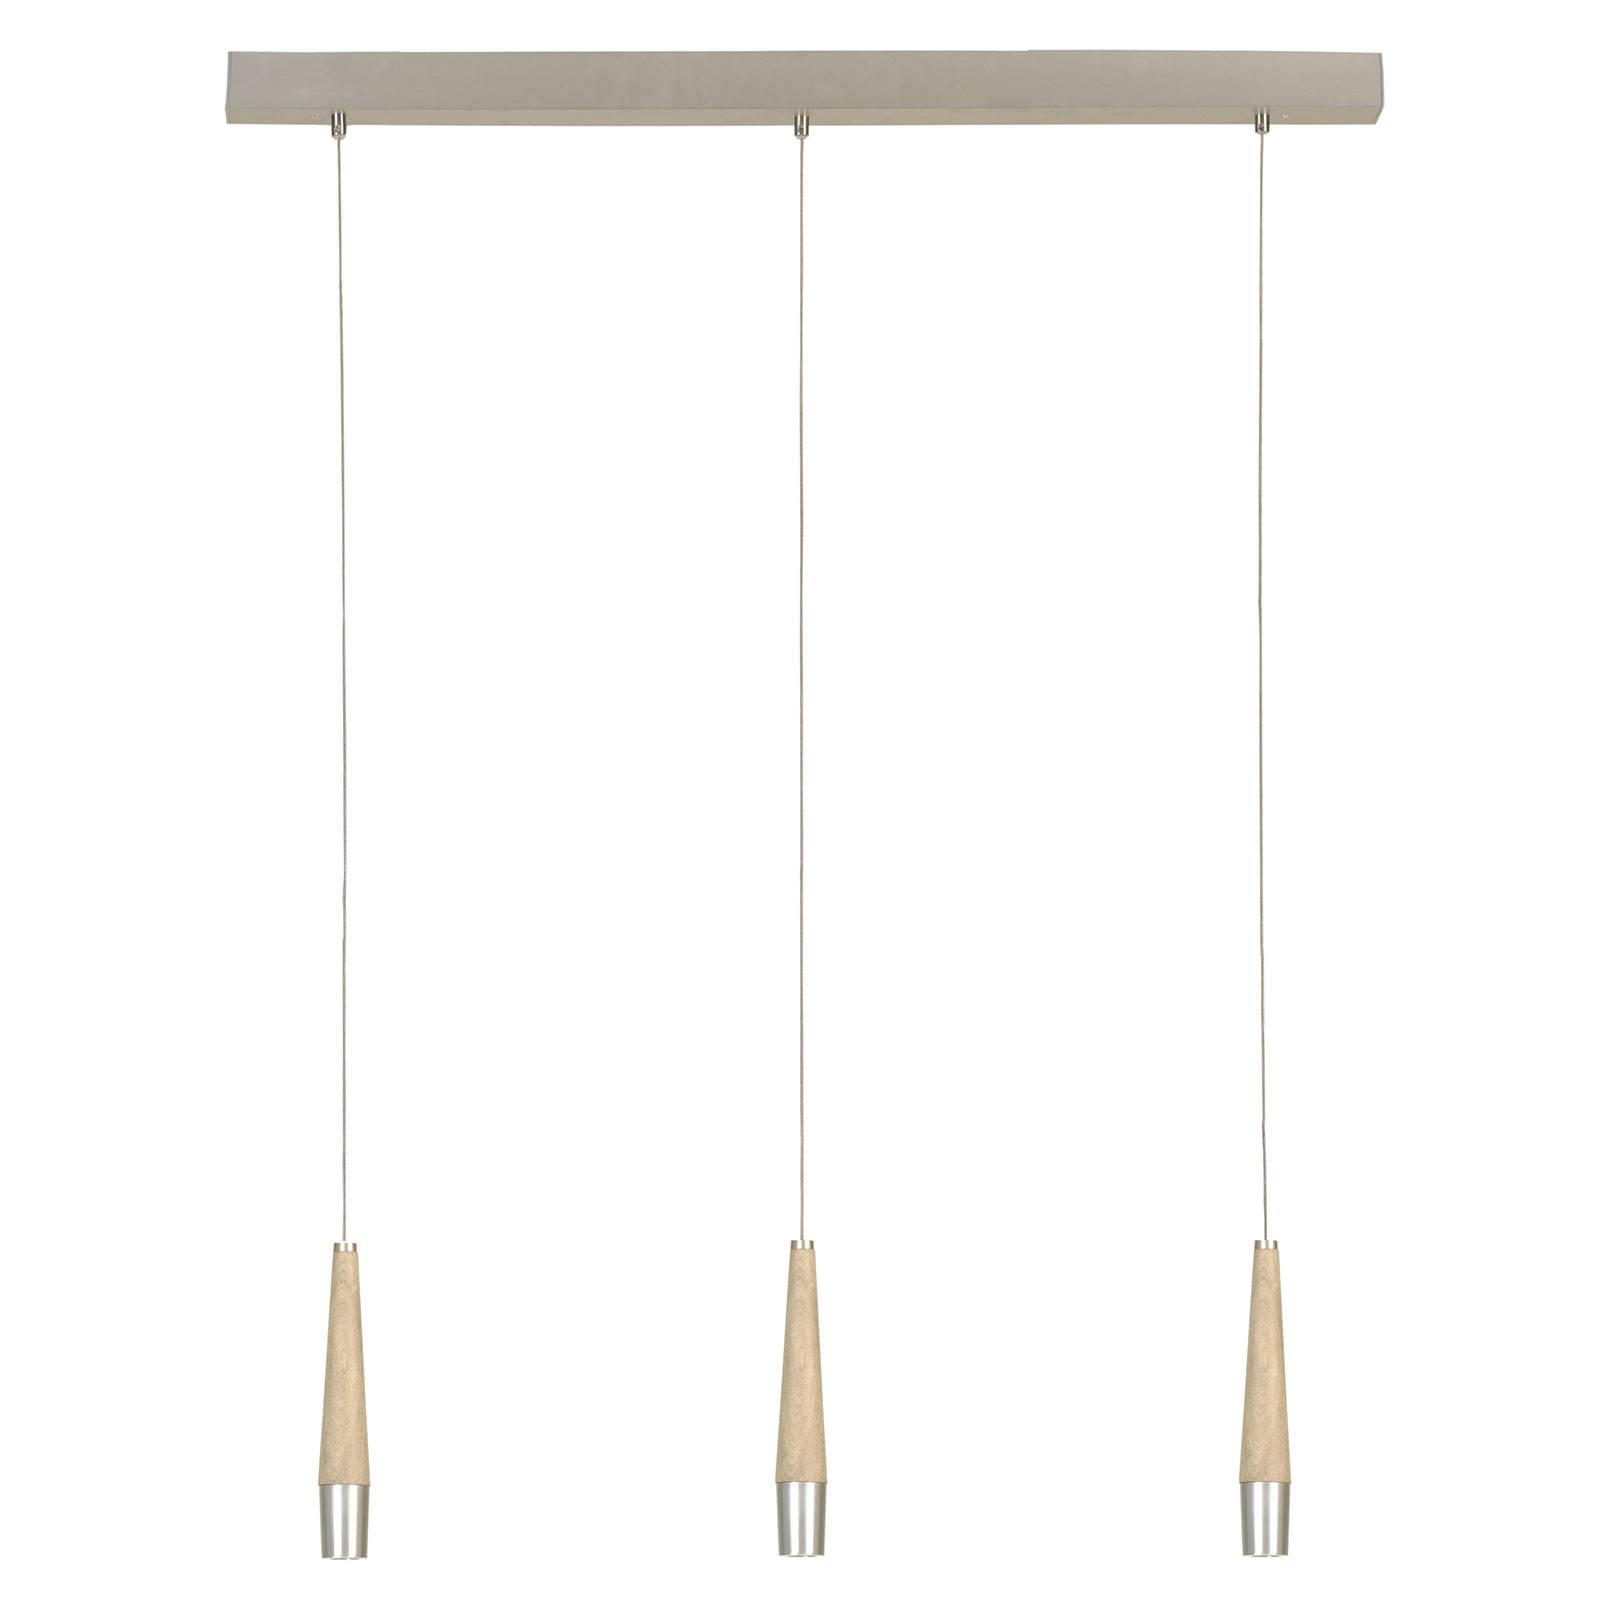 HerzBlut Conico hanglamp, eiken natuur, 3-lamps